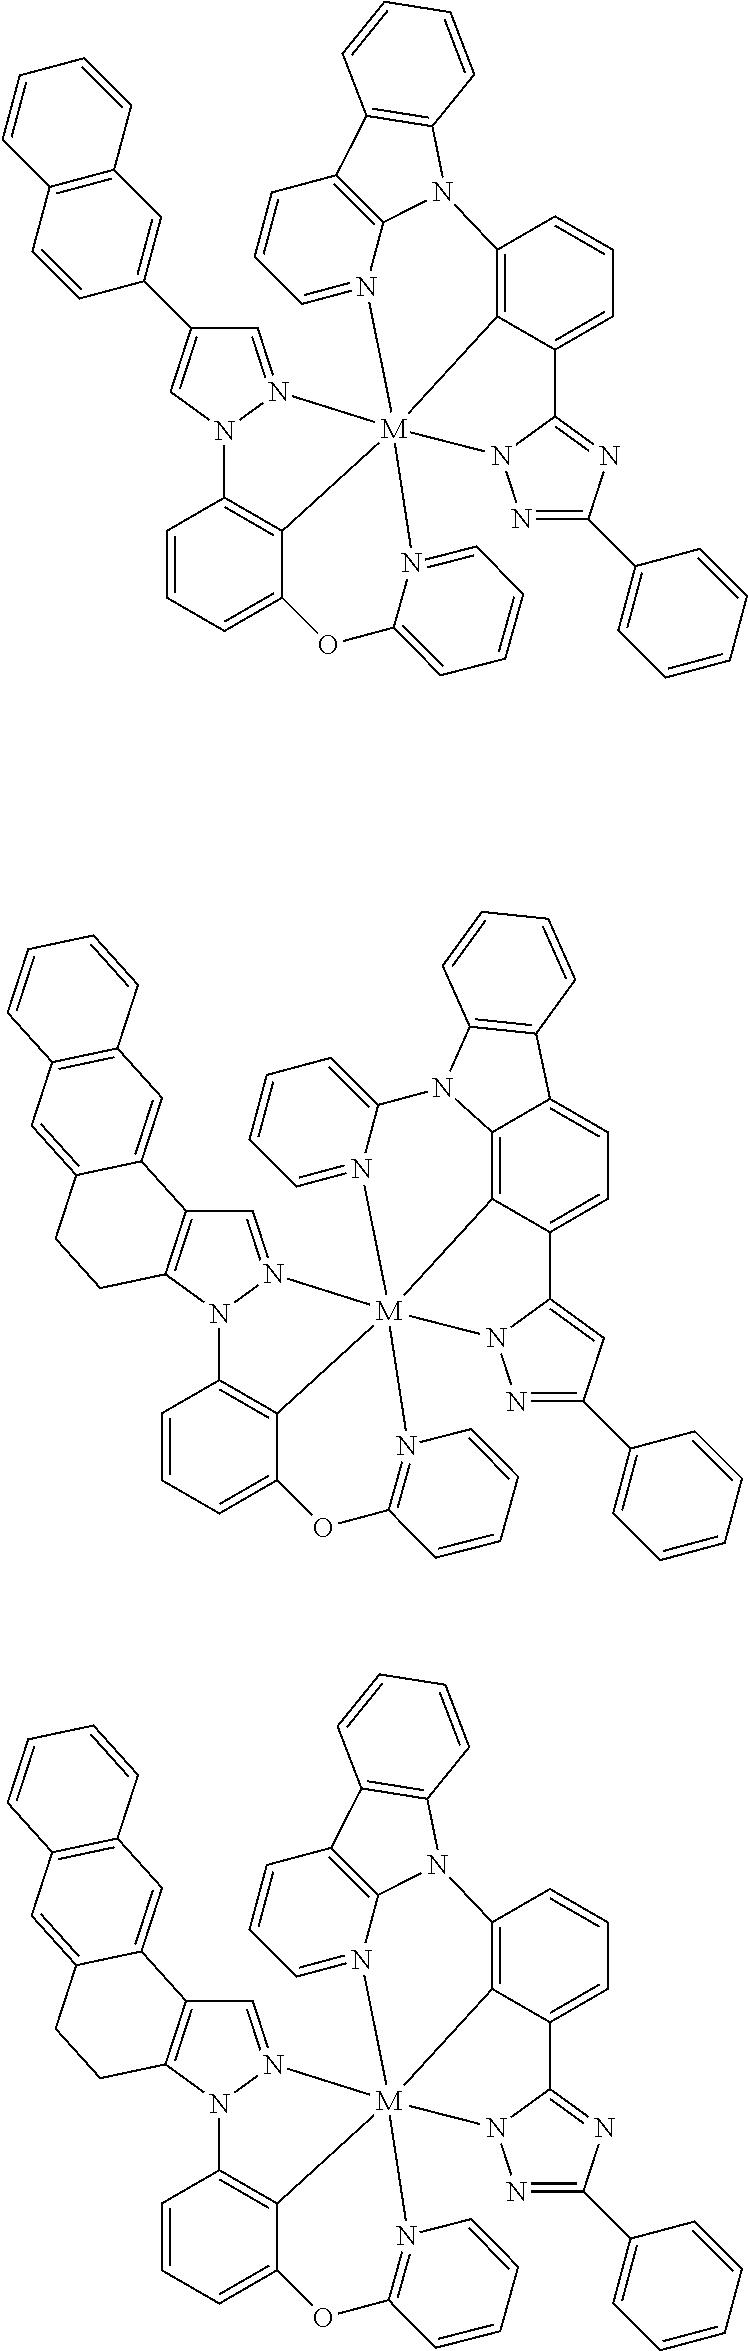 Figure US09818959-20171114-C00320